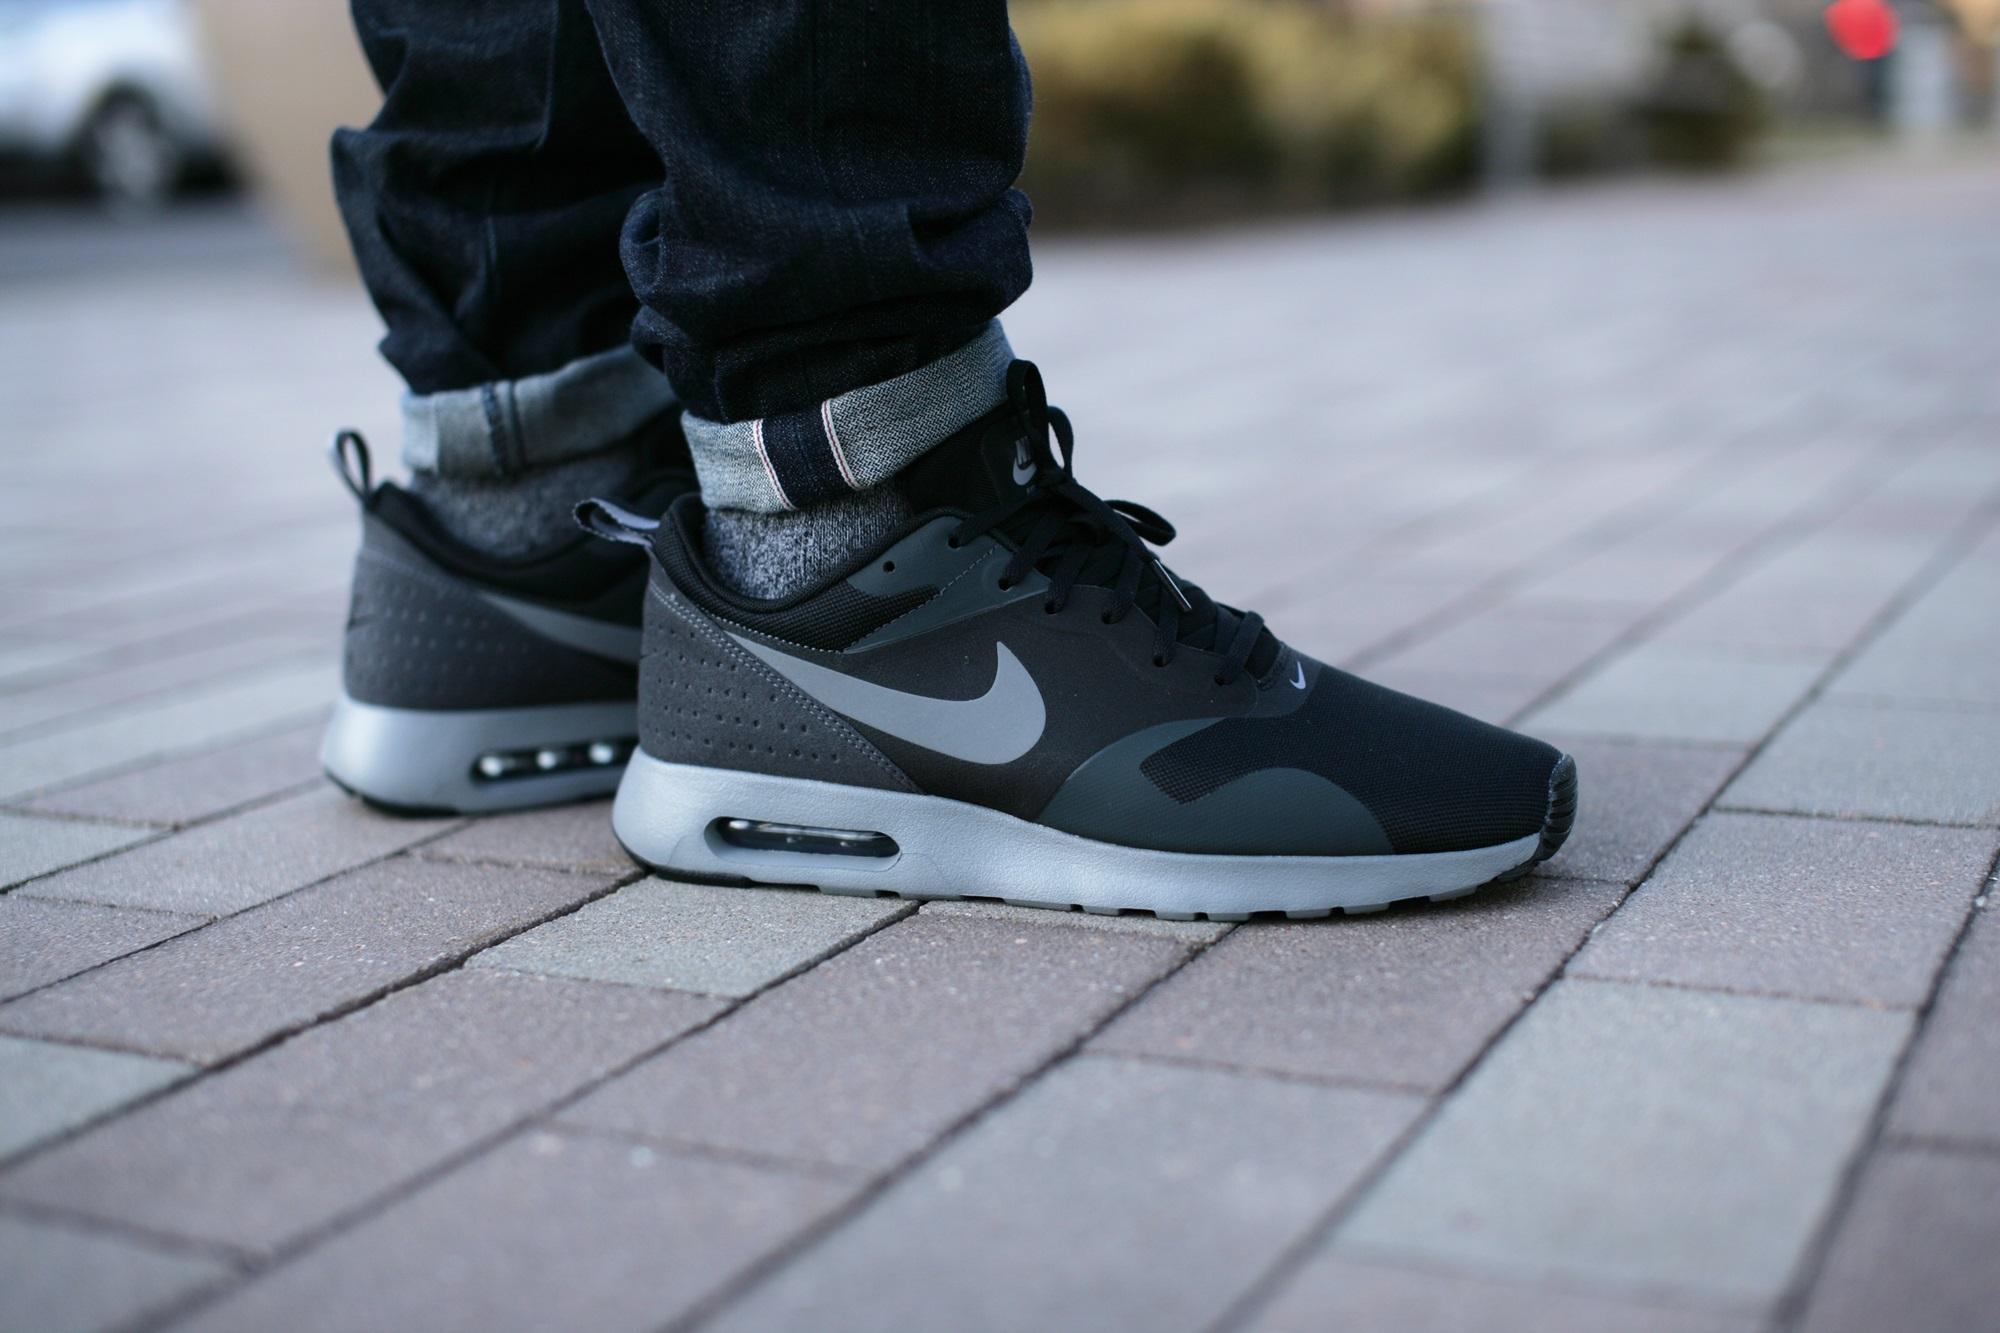 Nike Max Air Tavas